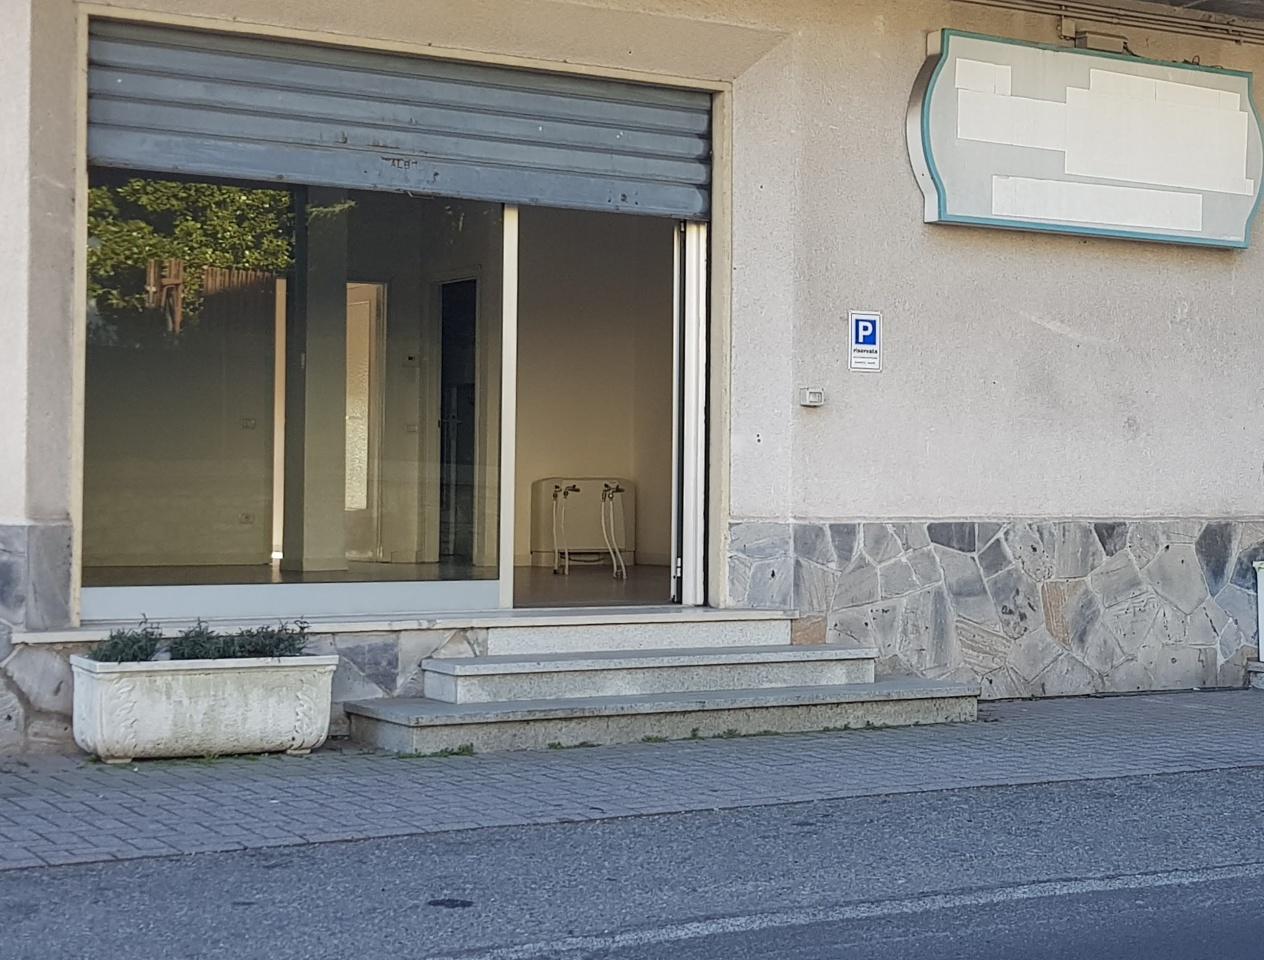 Negozio / Locale in affitto a Erba, 2 locali, prezzo € 500 | PortaleAgenzieImmobiliari.it